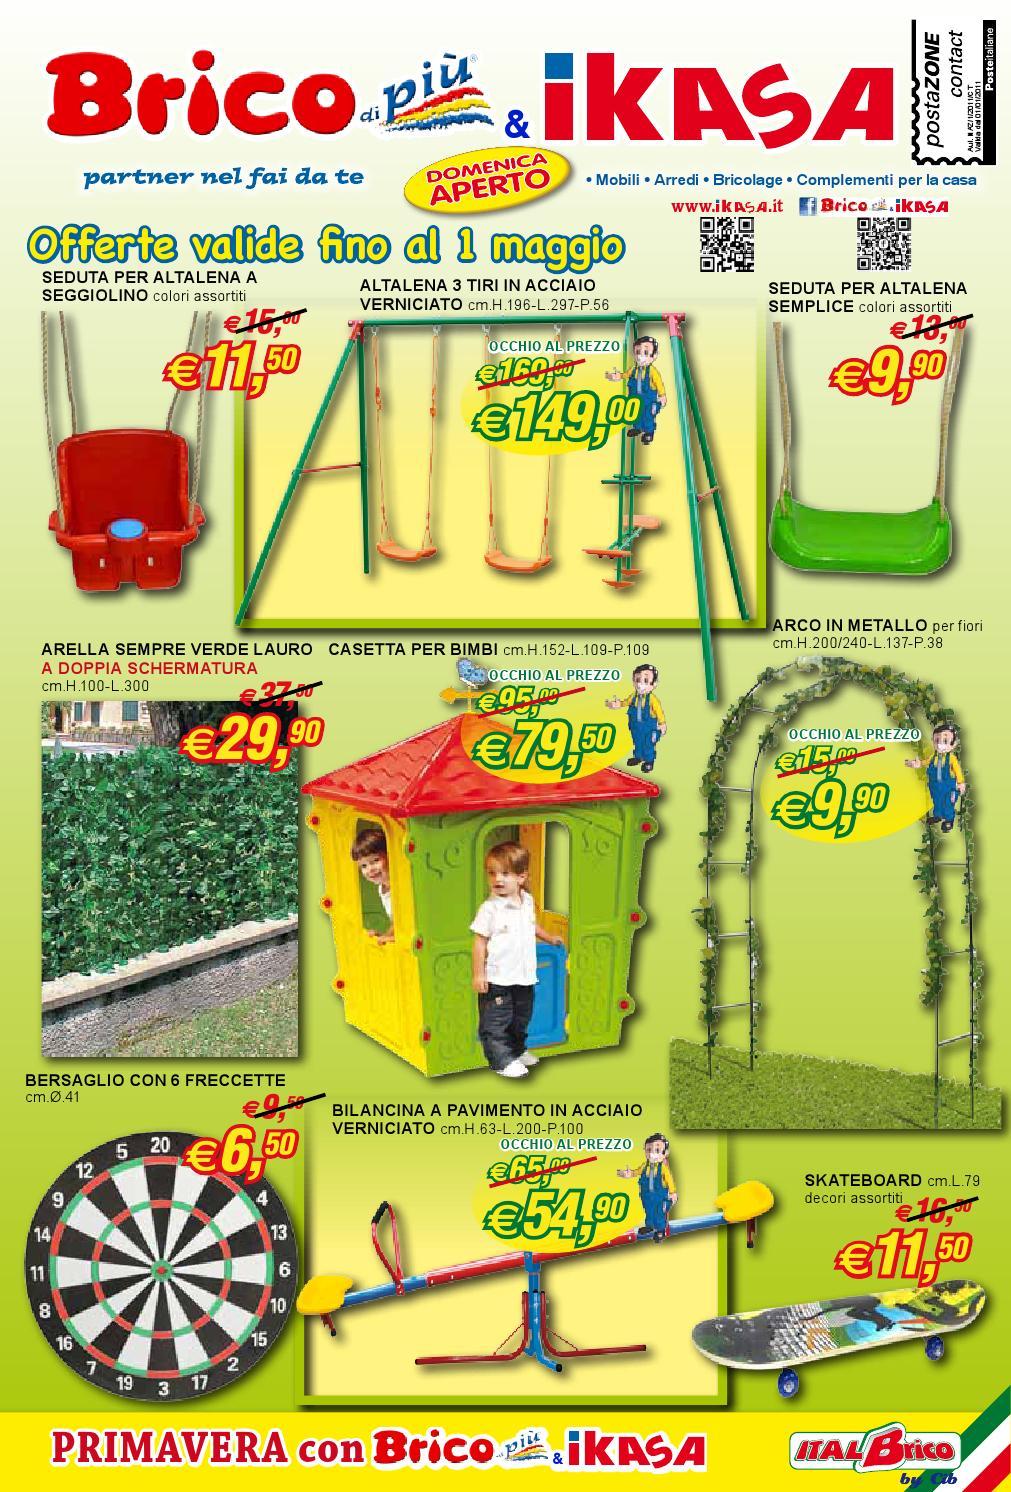 brico di pi ikasa volantino promozionale aprile 2016 by